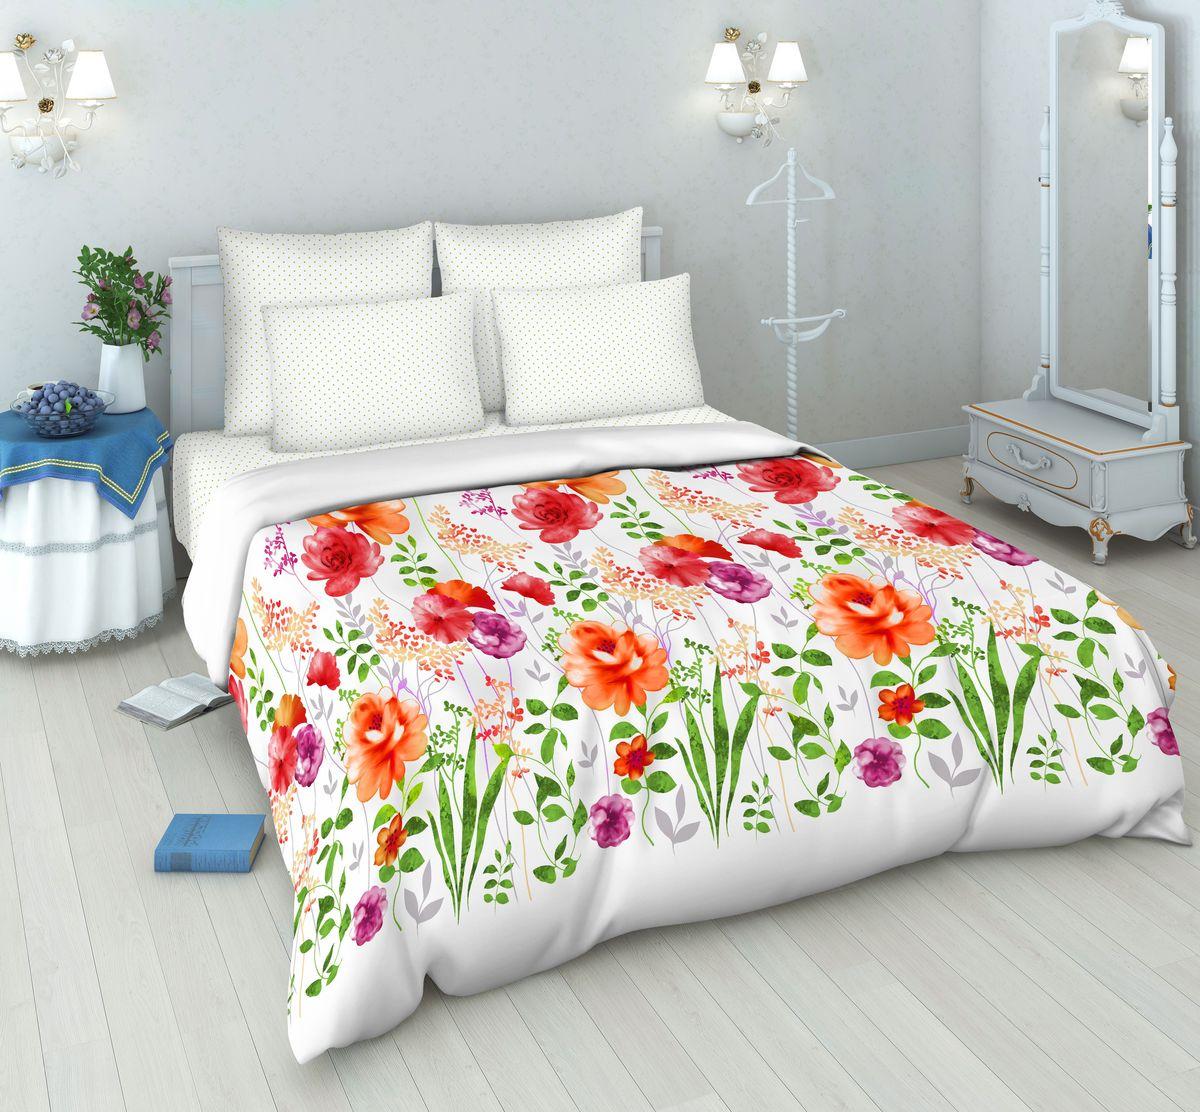 Комплект белья Василиса, 1,5-спальный, наволочки 70х70, цвет: белый. 7023/1,57023/1,5Постельное белье ТМ «Василиса» производится из высококачественной бязи, 100% хлопок. Использование особо тонкой пряжи делает ткань мягче на ощупь, обеспечивает легкое глажение и позволяет передать всю насыщенность цветовой гаммы. Благодаря более плотному переплетению нитей и использованию высококачественных импортных красителей постельное белье «Василиса» выдерживает до 70 стирок. На ткани не образуются катышки. Способ застегивания наволочки - клапан, пододеяльника - отверстие без застежки по краю изделия с подвернутым краем.